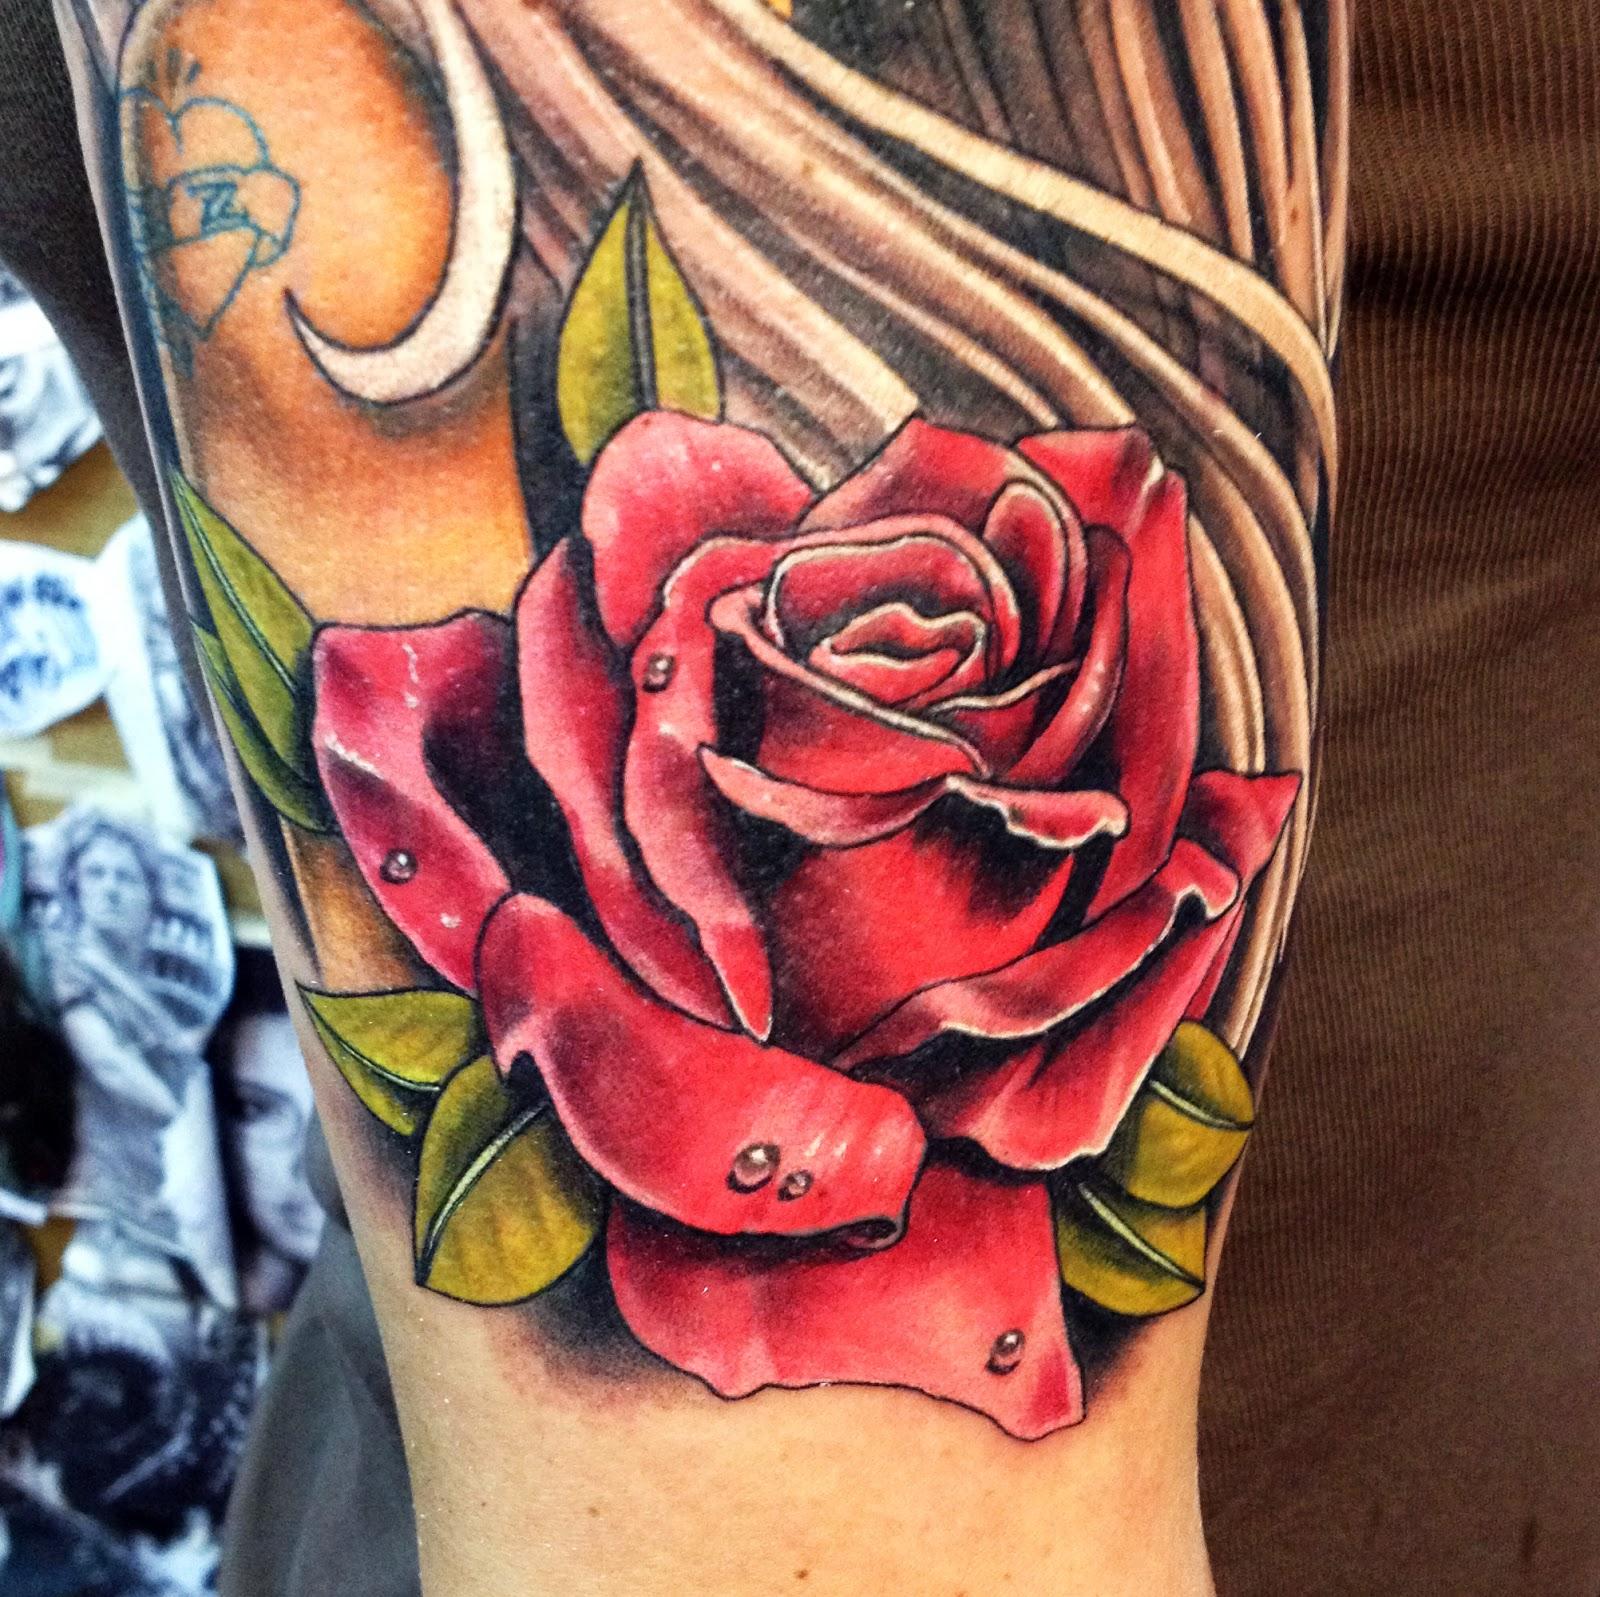 Tattoo drawings: Tattoo styles